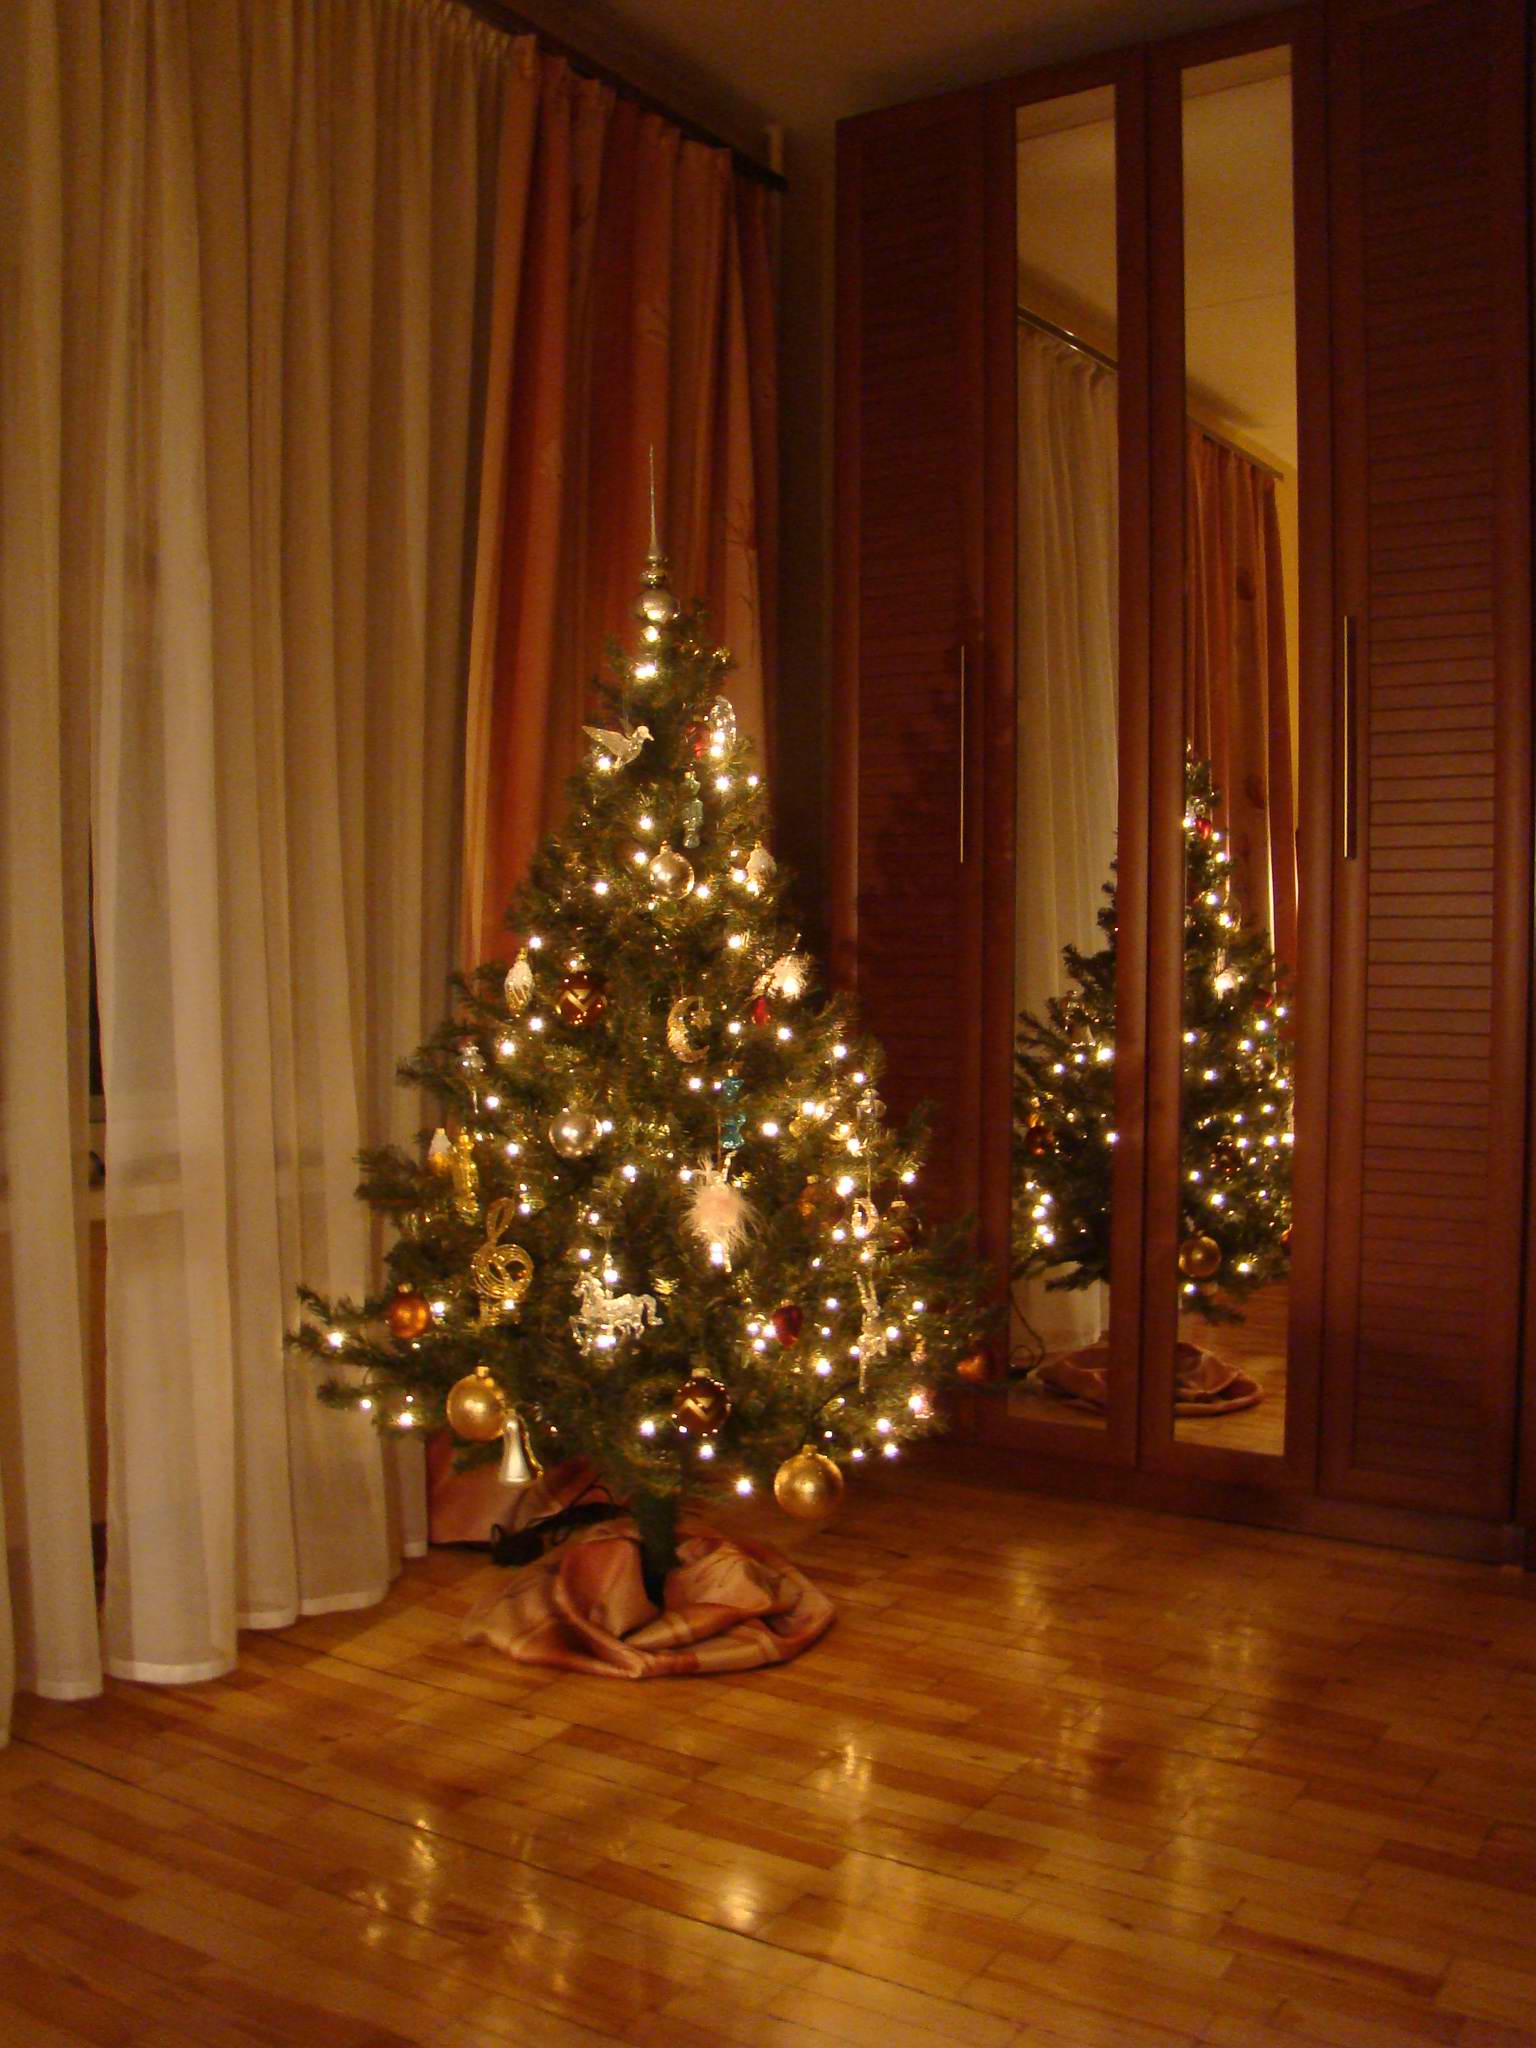 смотреть фото елка дома может быть